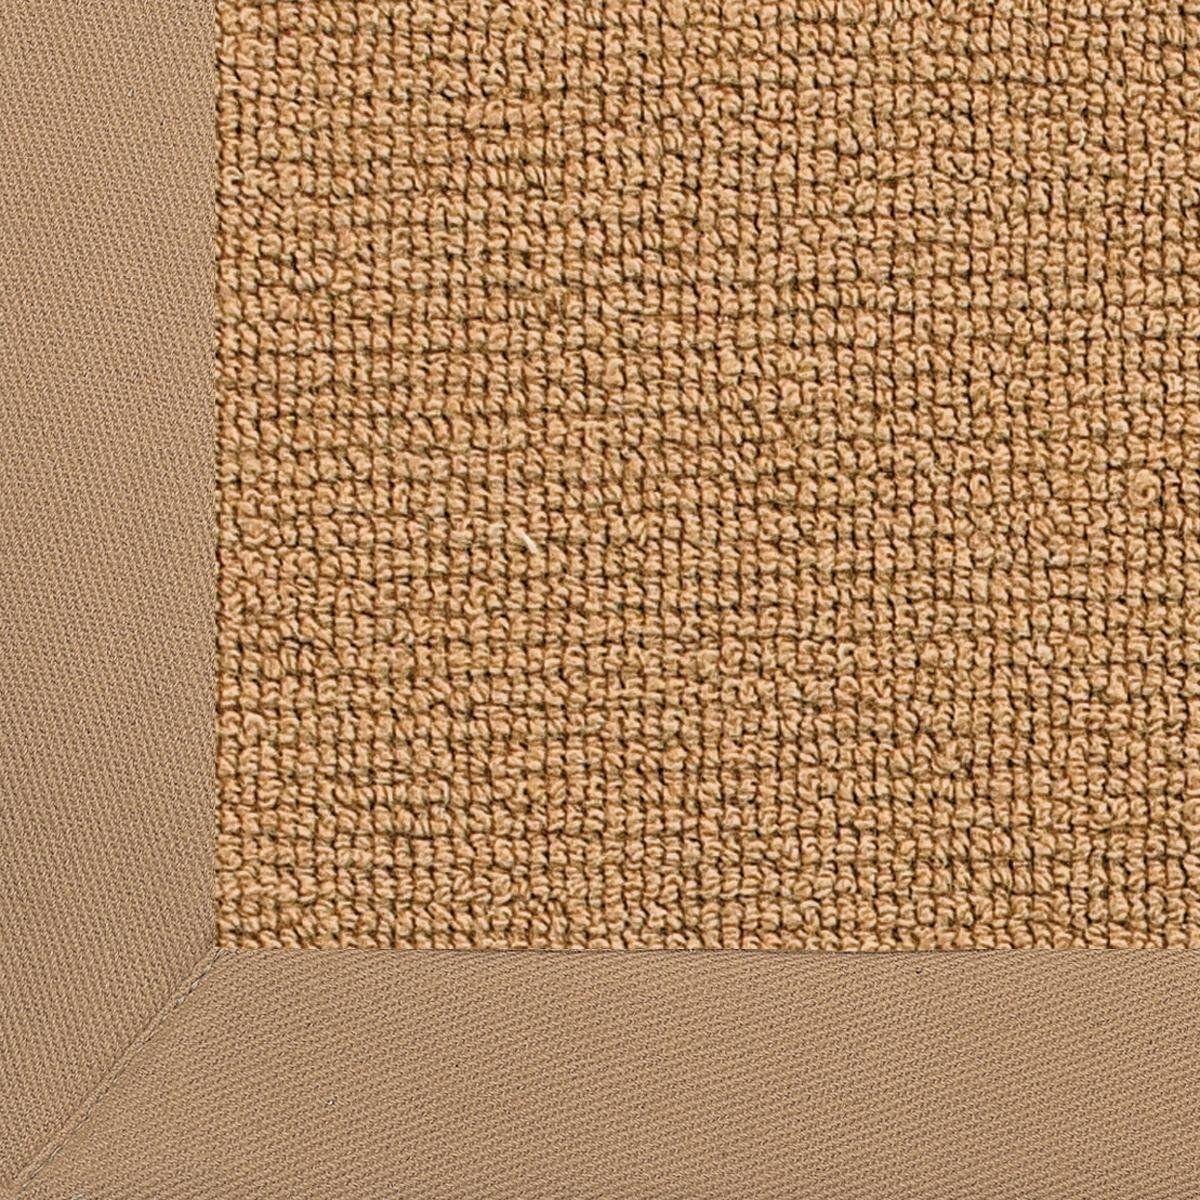 Wool Sisal w/ Cotton Twill Binding Rug cork_sisal_with_khaki_twill_binding